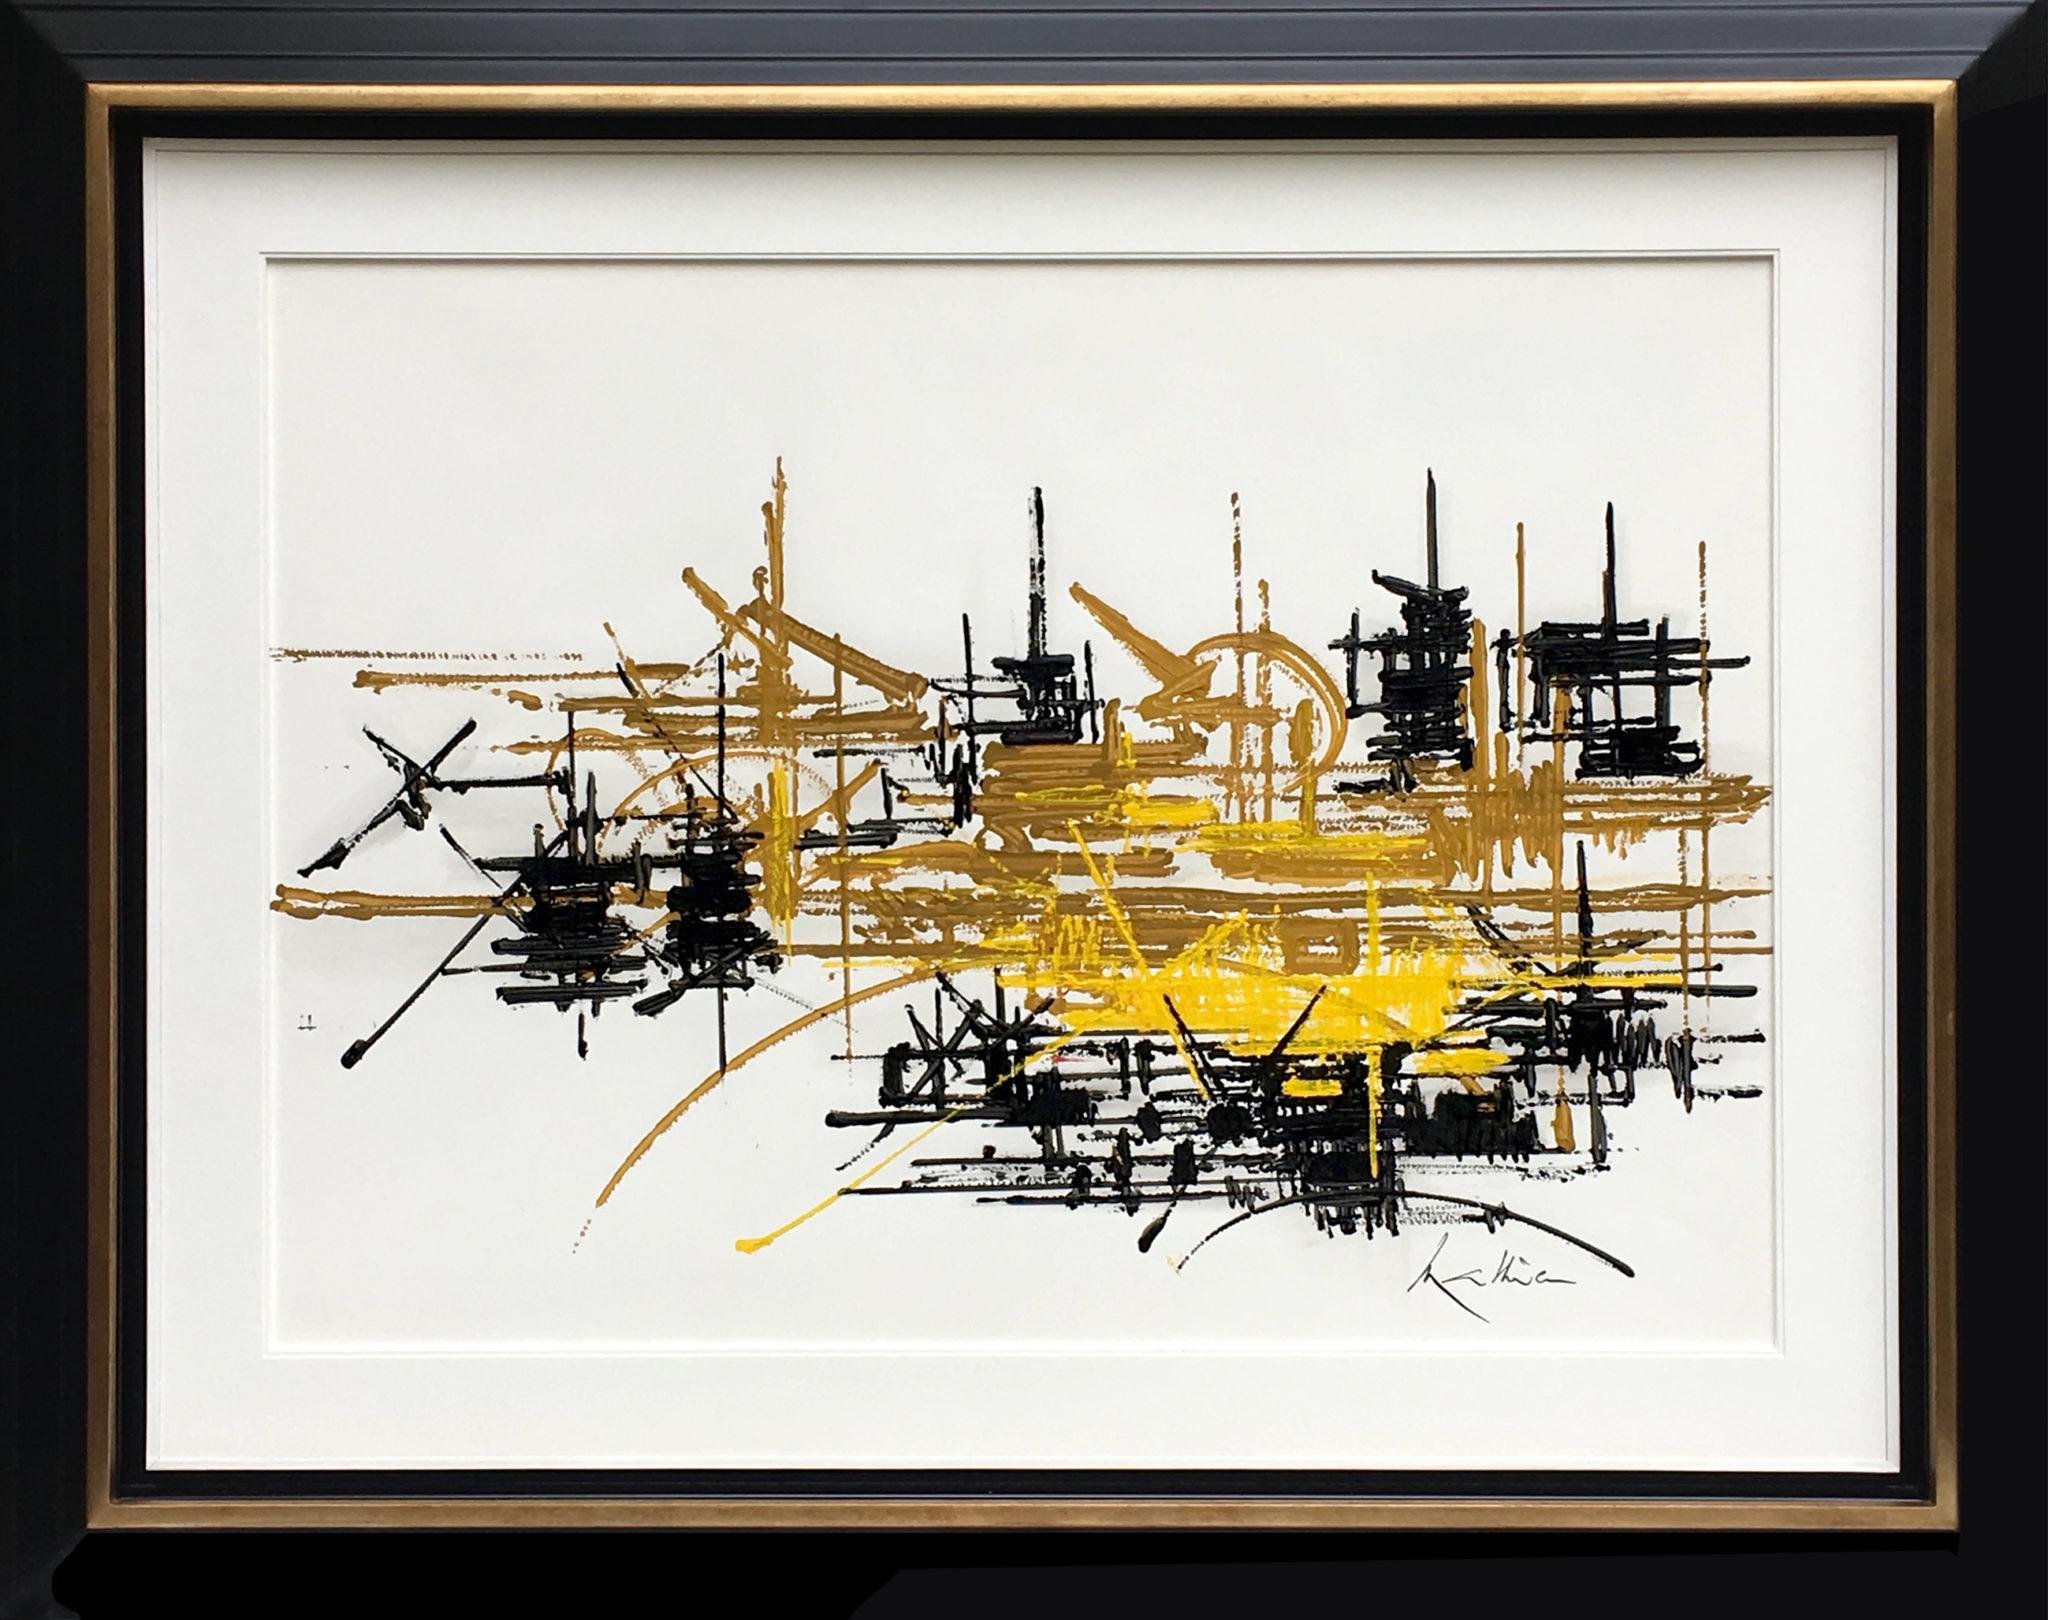 AE_18_M_1  ARTS & AUTOGRAPHES Georges MATHIEU «DELPHINIUM» Huile sur papier signé en bas à droite et titré au dos 57 x 75 cm Courtesy Arts & Autographes